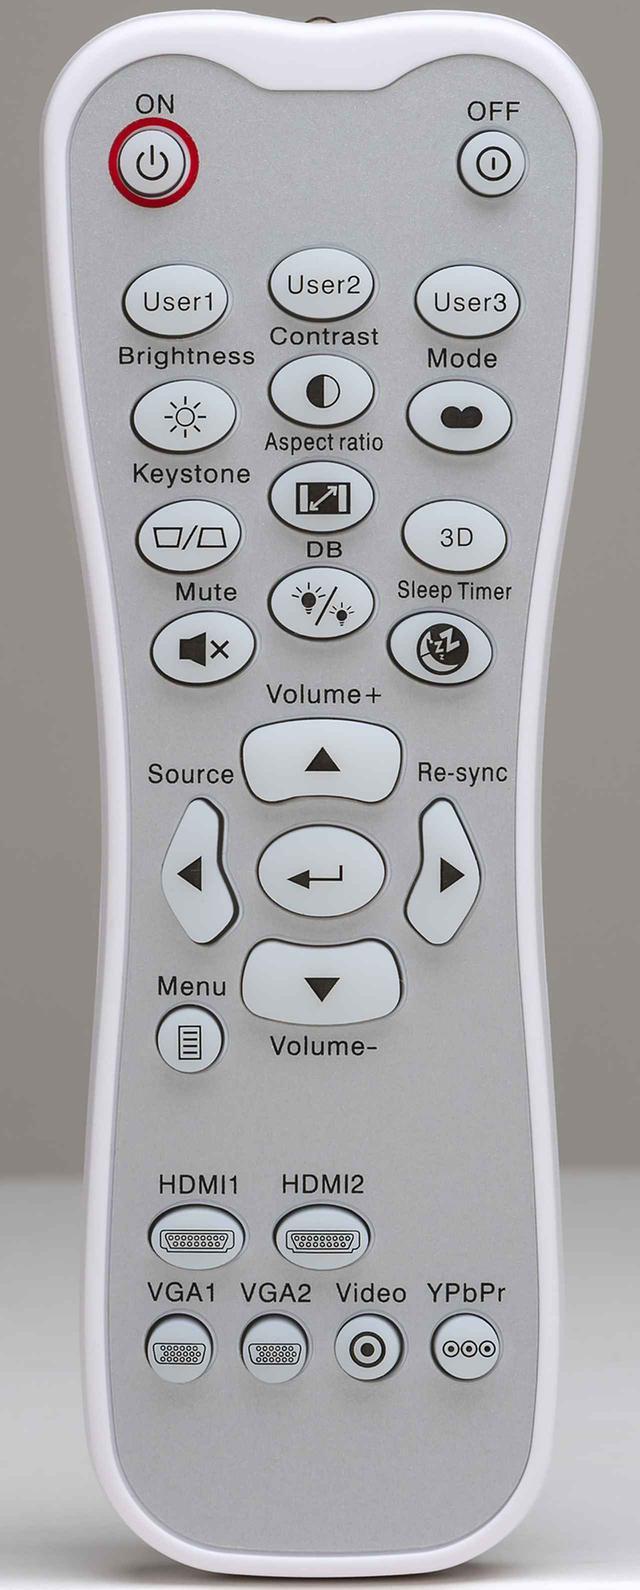 画像: ↑リモコンのボタンが点灯し、暗い視聴環境でも操作性にすぐれる。明るさやコントラストの調整メニューがすぐに呼び出せる